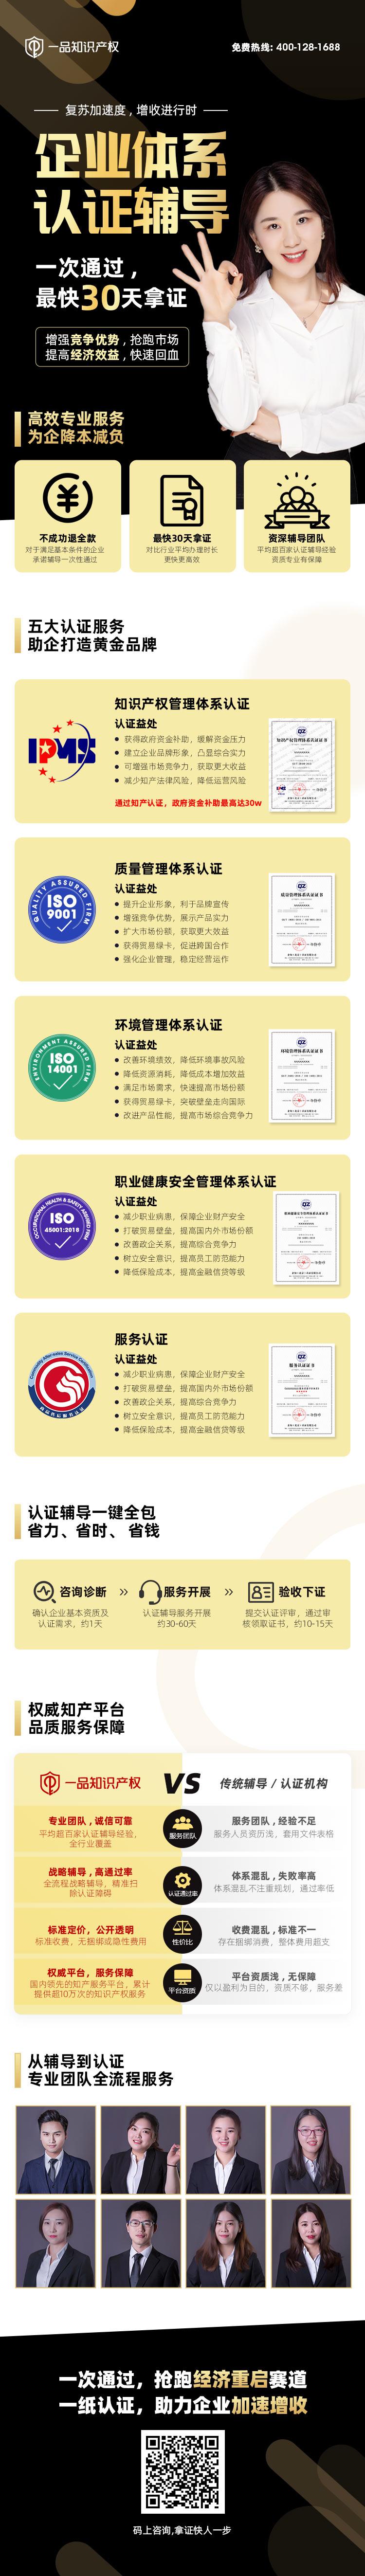 【惊喜】企业体系认证,1次通过,最快30天拿证!